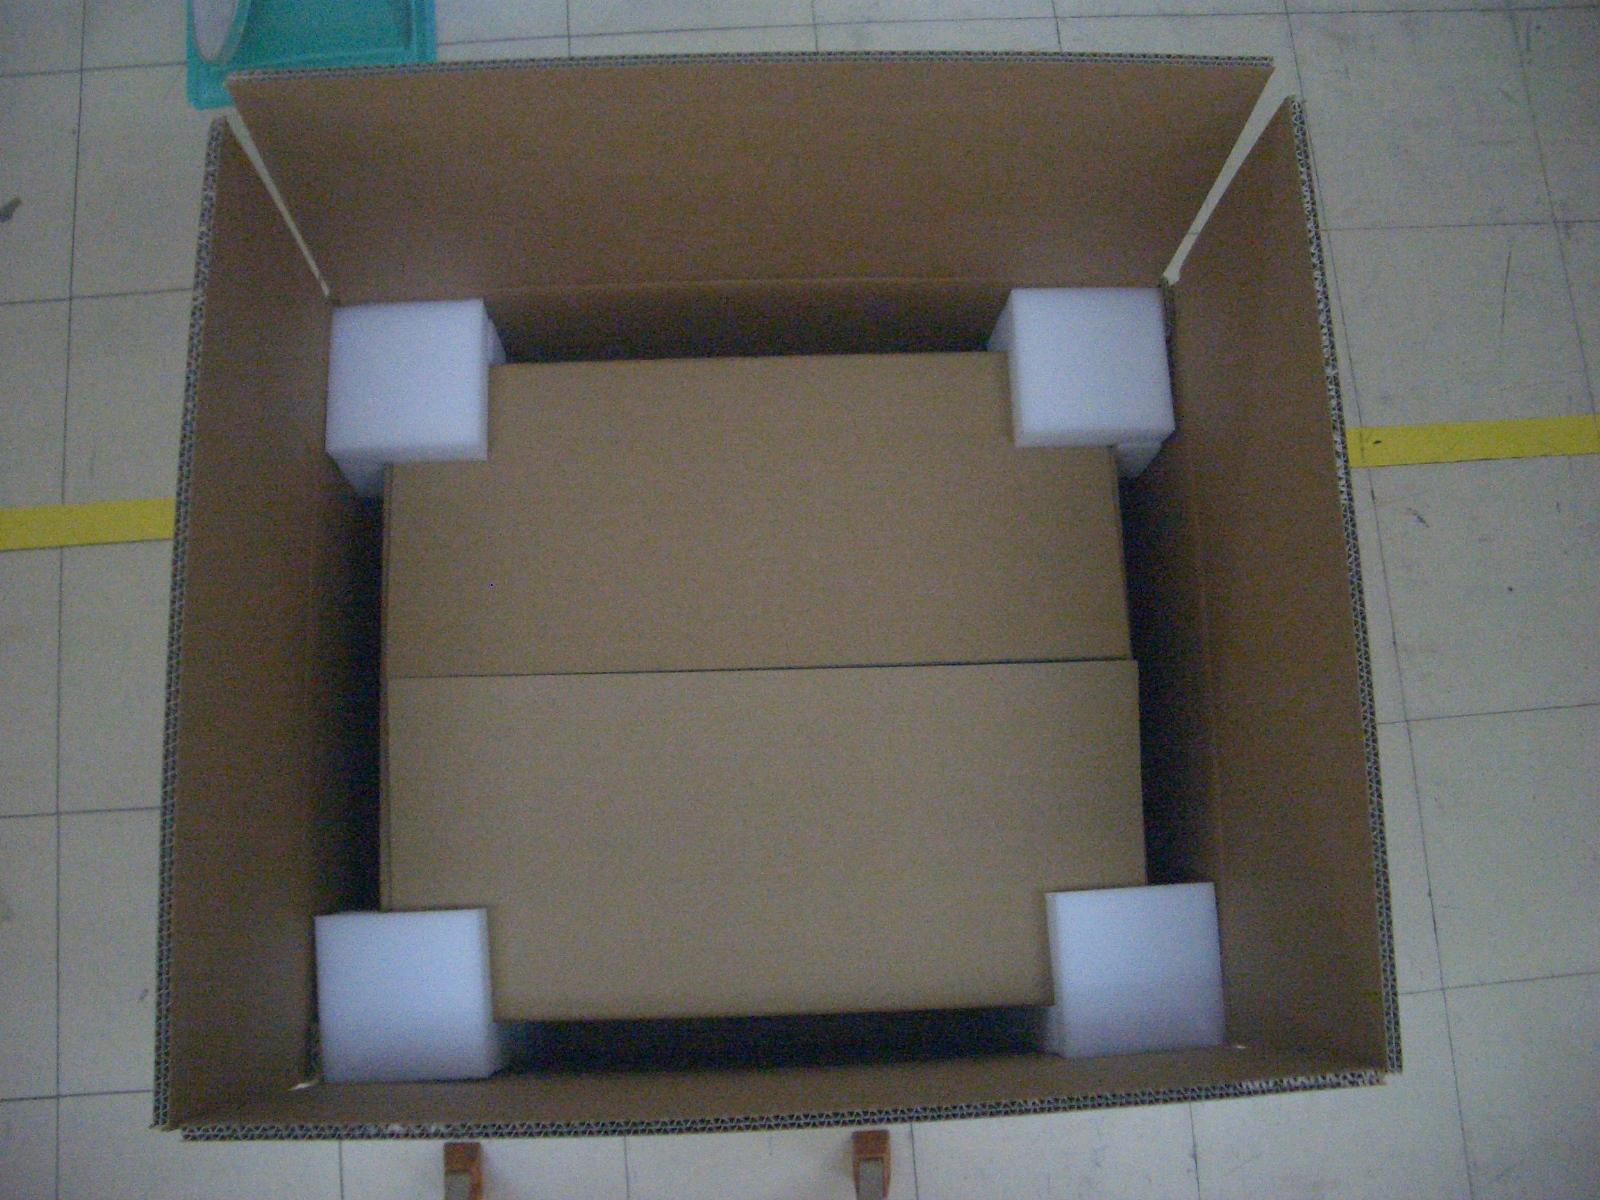 「制御機器の海外輸送もお任せ!精密測定・検査機器の梱包・資材設計実績」の画像